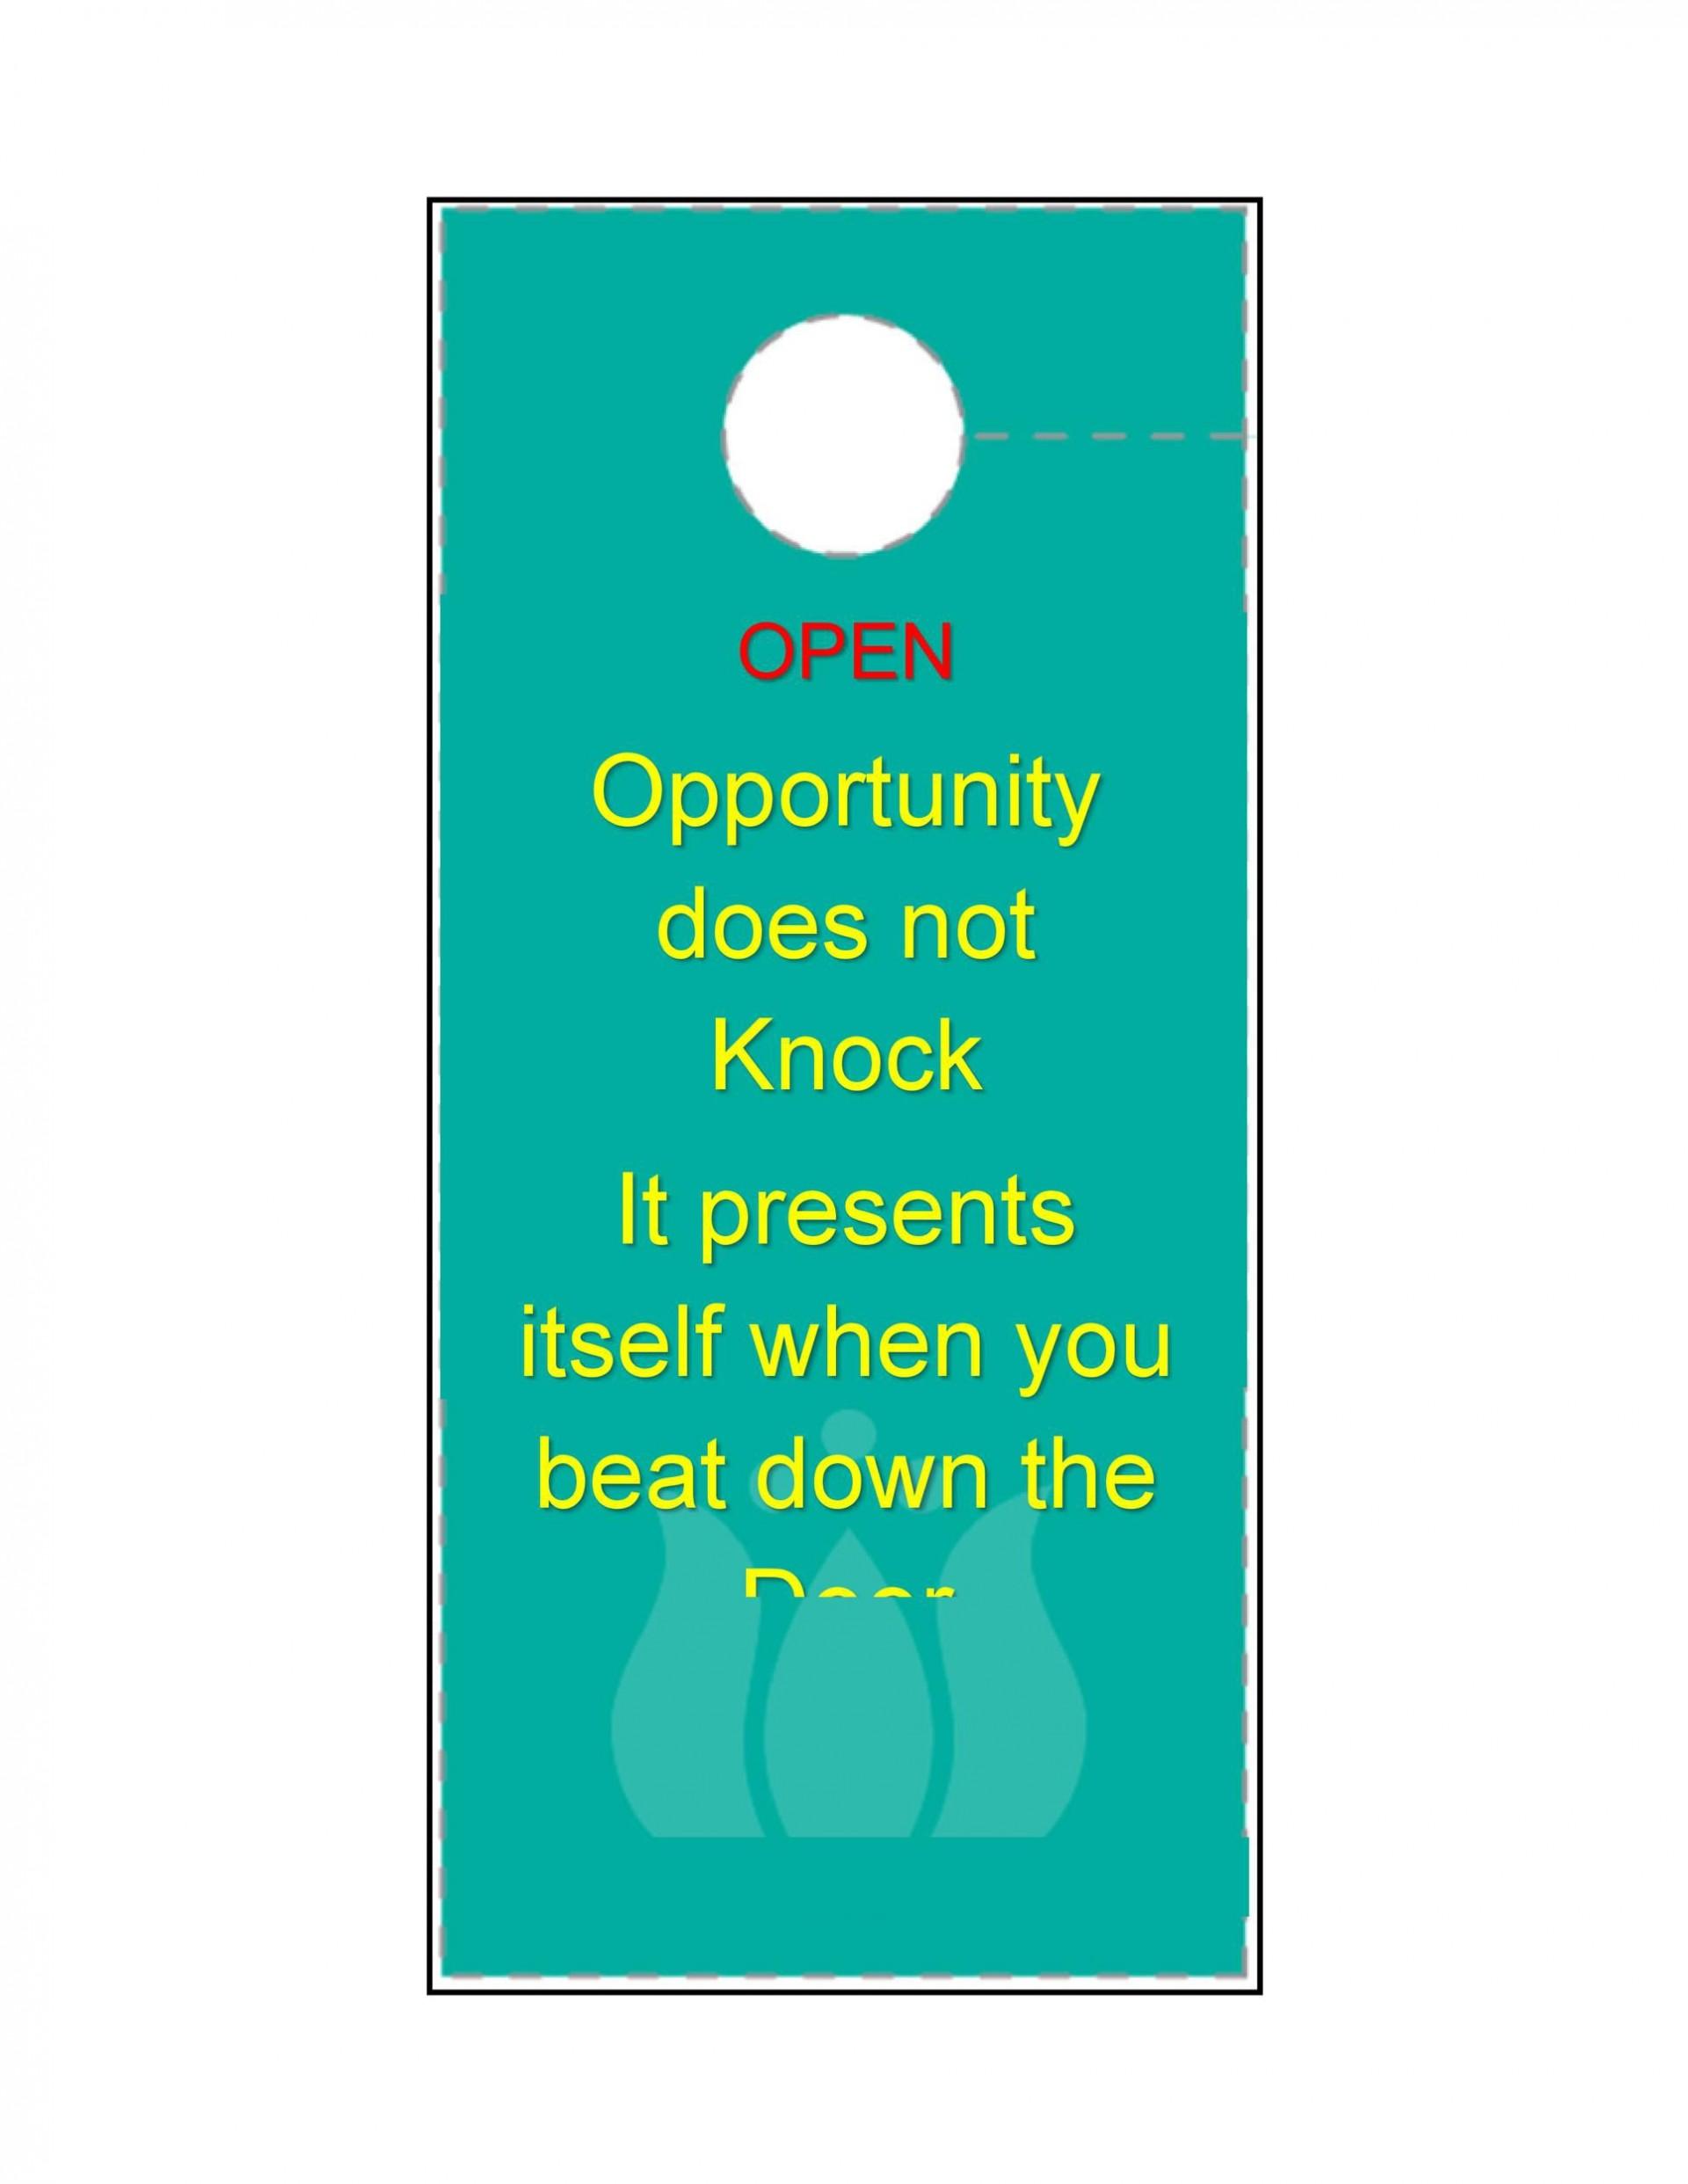 003 Amazing Free Download Door Hanger Template Inspiration 1920